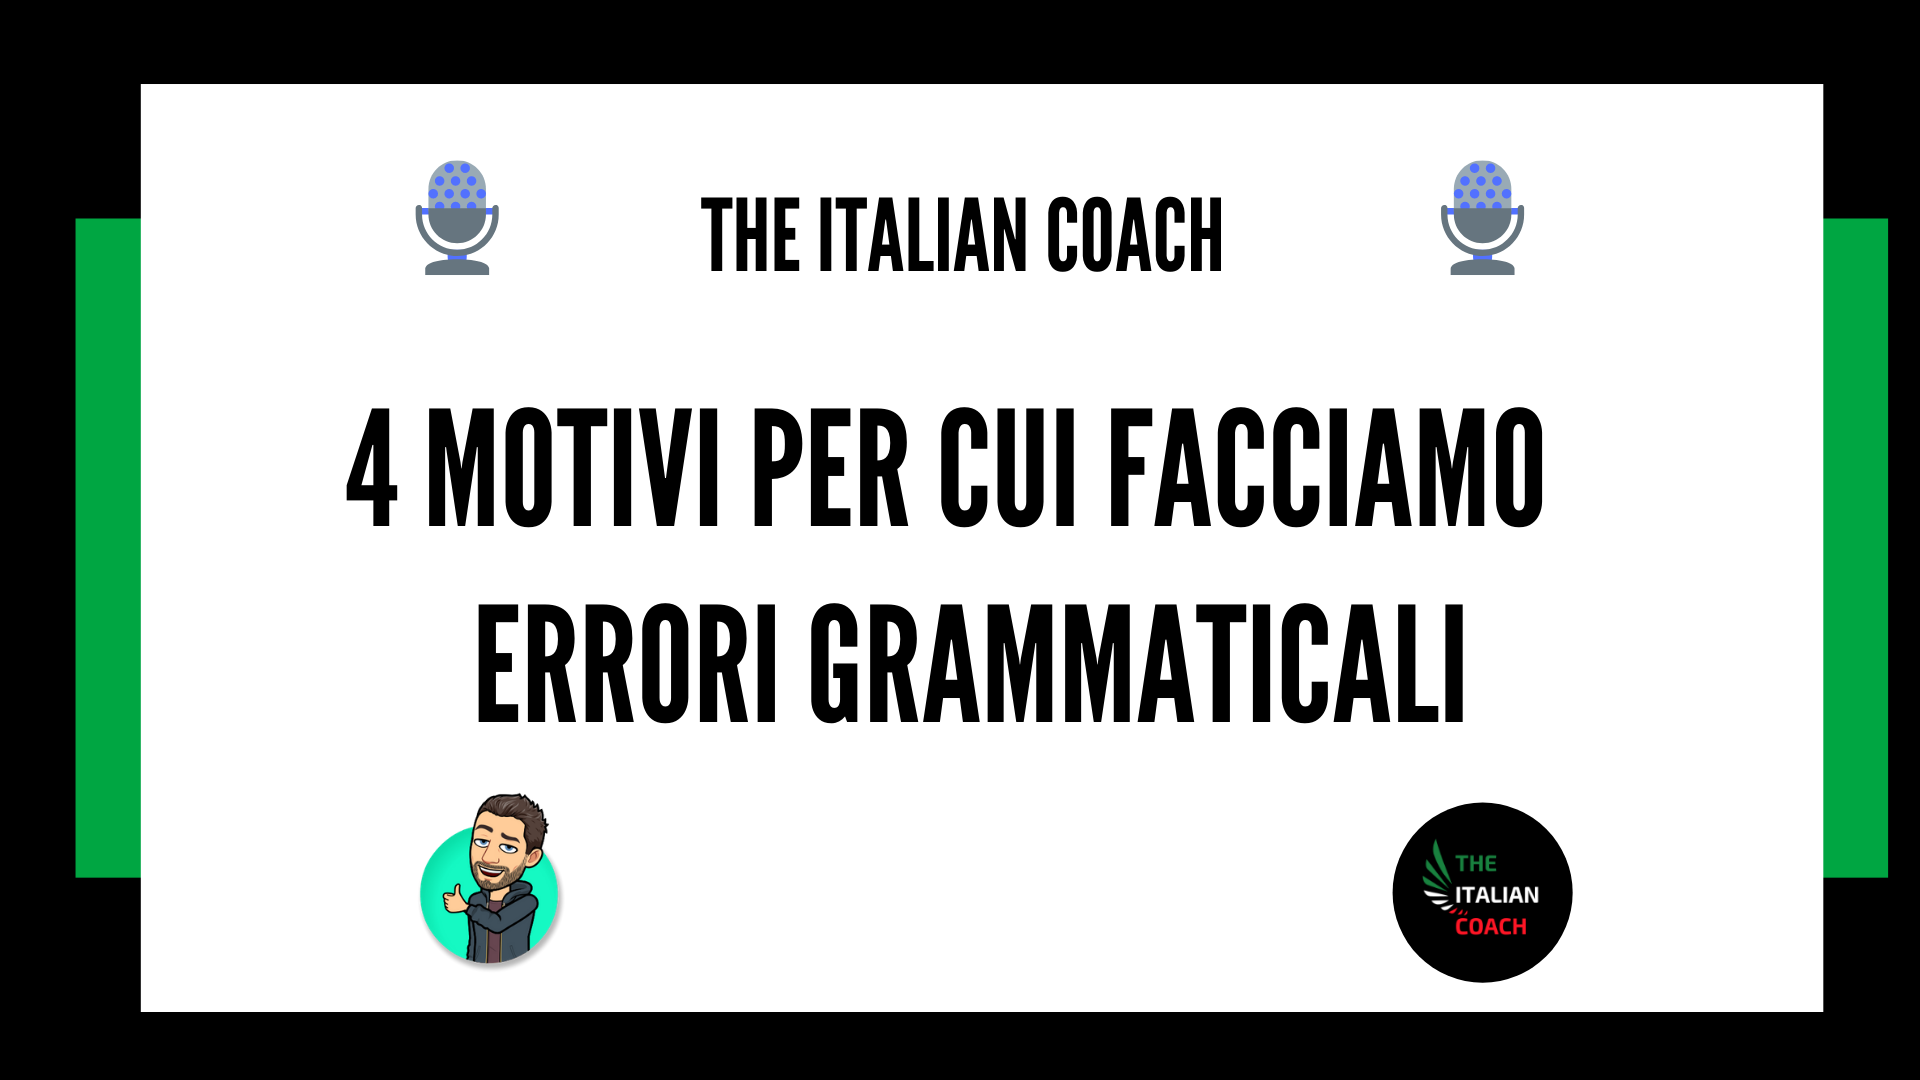 perché facciamo errori grammaticali the italian coach learn italian